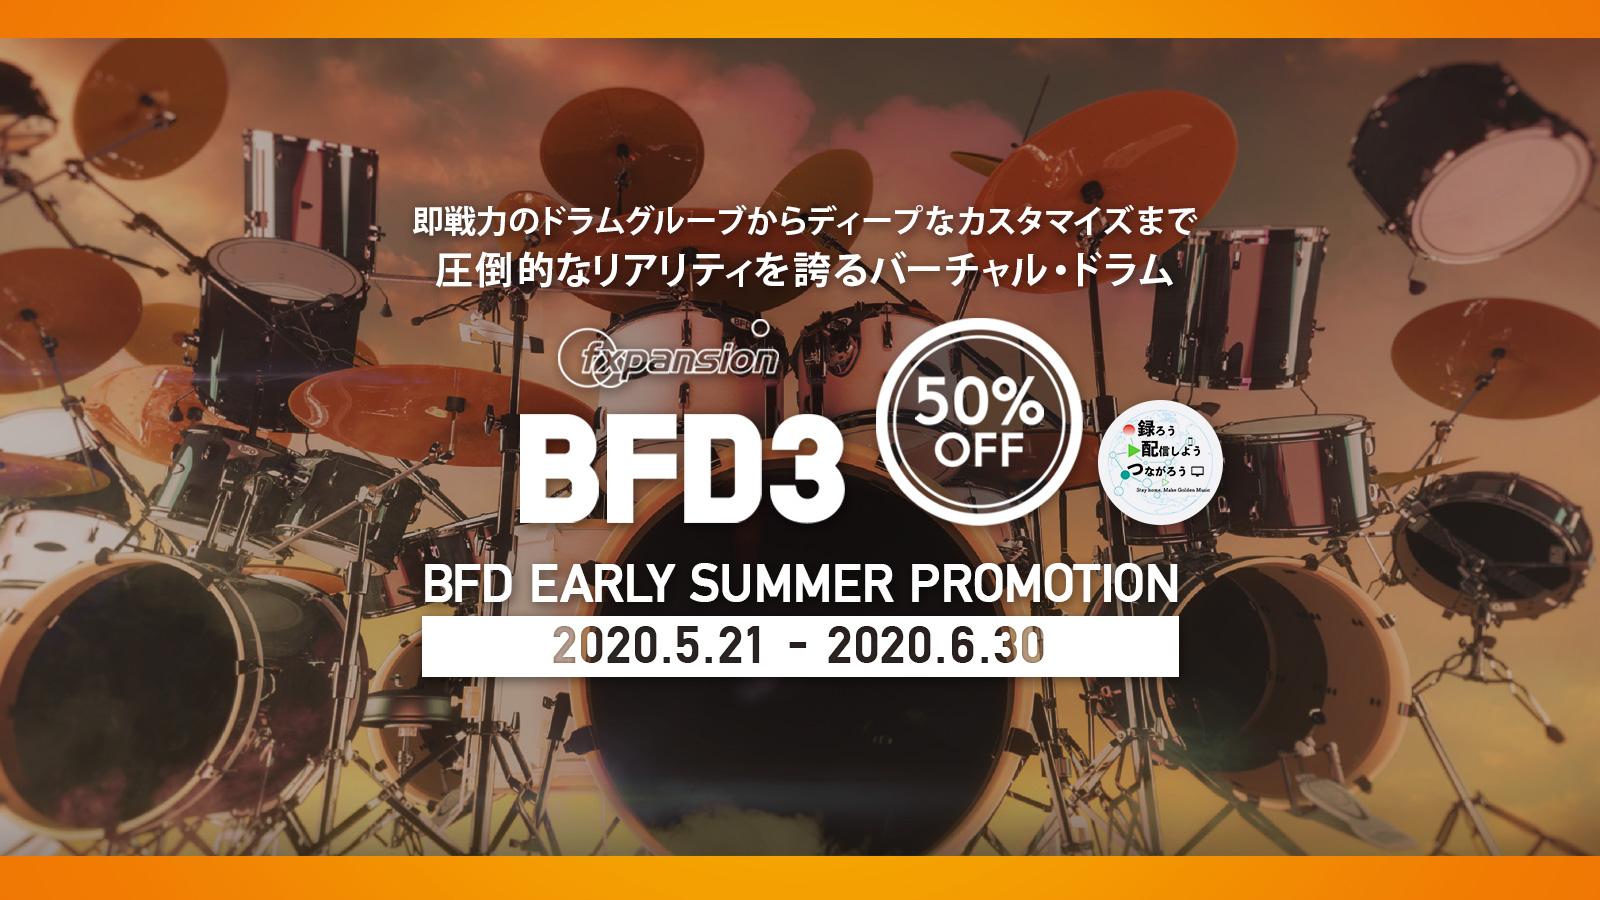 「リアルを追求する」ドラム音源の決定版が50%OFF!  BFD3アーリーサマープロモーション